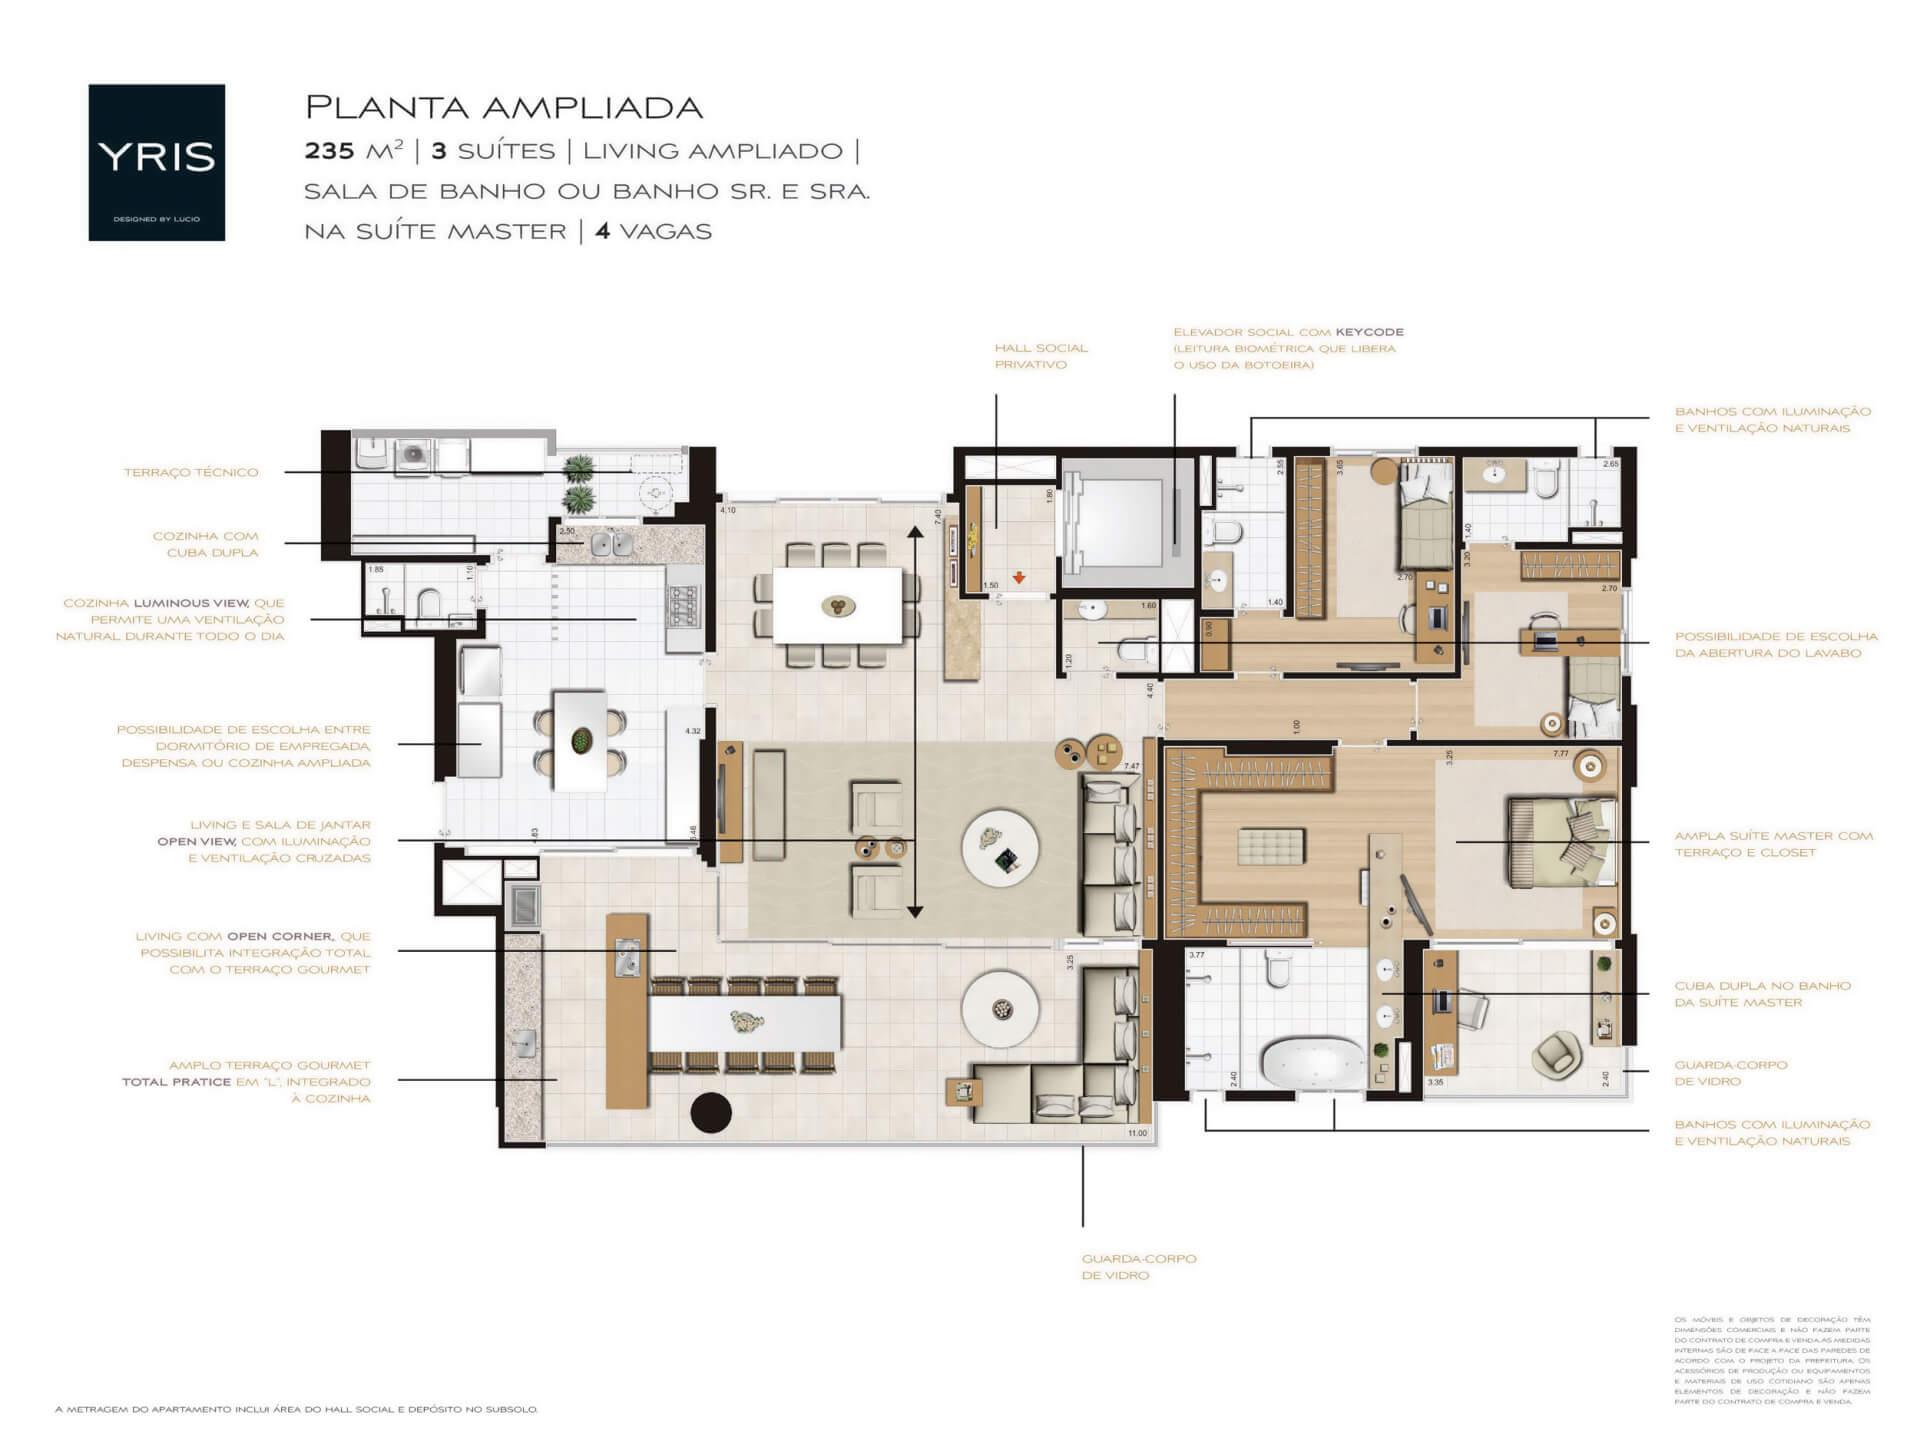 235 M² - 3 SUÍTES. Apartamentos amplos e com ótima setorização entre área social e área íntima dos dormitórios. Destaque para a cozinha ampliada e para os espaçosos dormitórios, infraestrutura completa para famílias que possuem 5 ou mais integrantes!